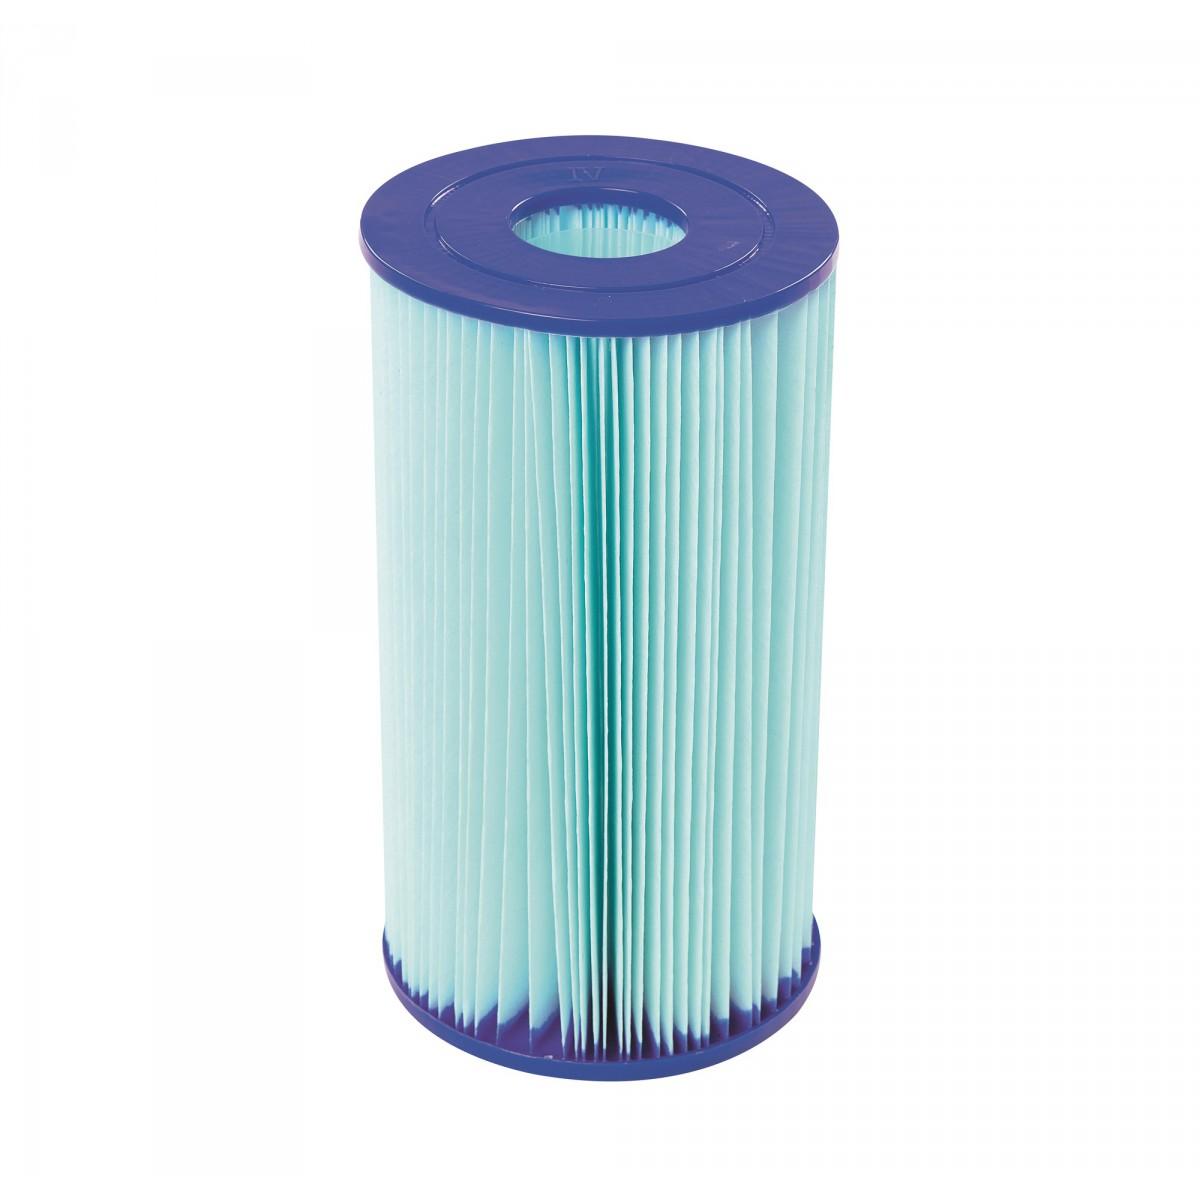 Cartouche traitement anti-microbiens piscine Type (IV) Bestway - Modèle 58505 - Vendu par 1